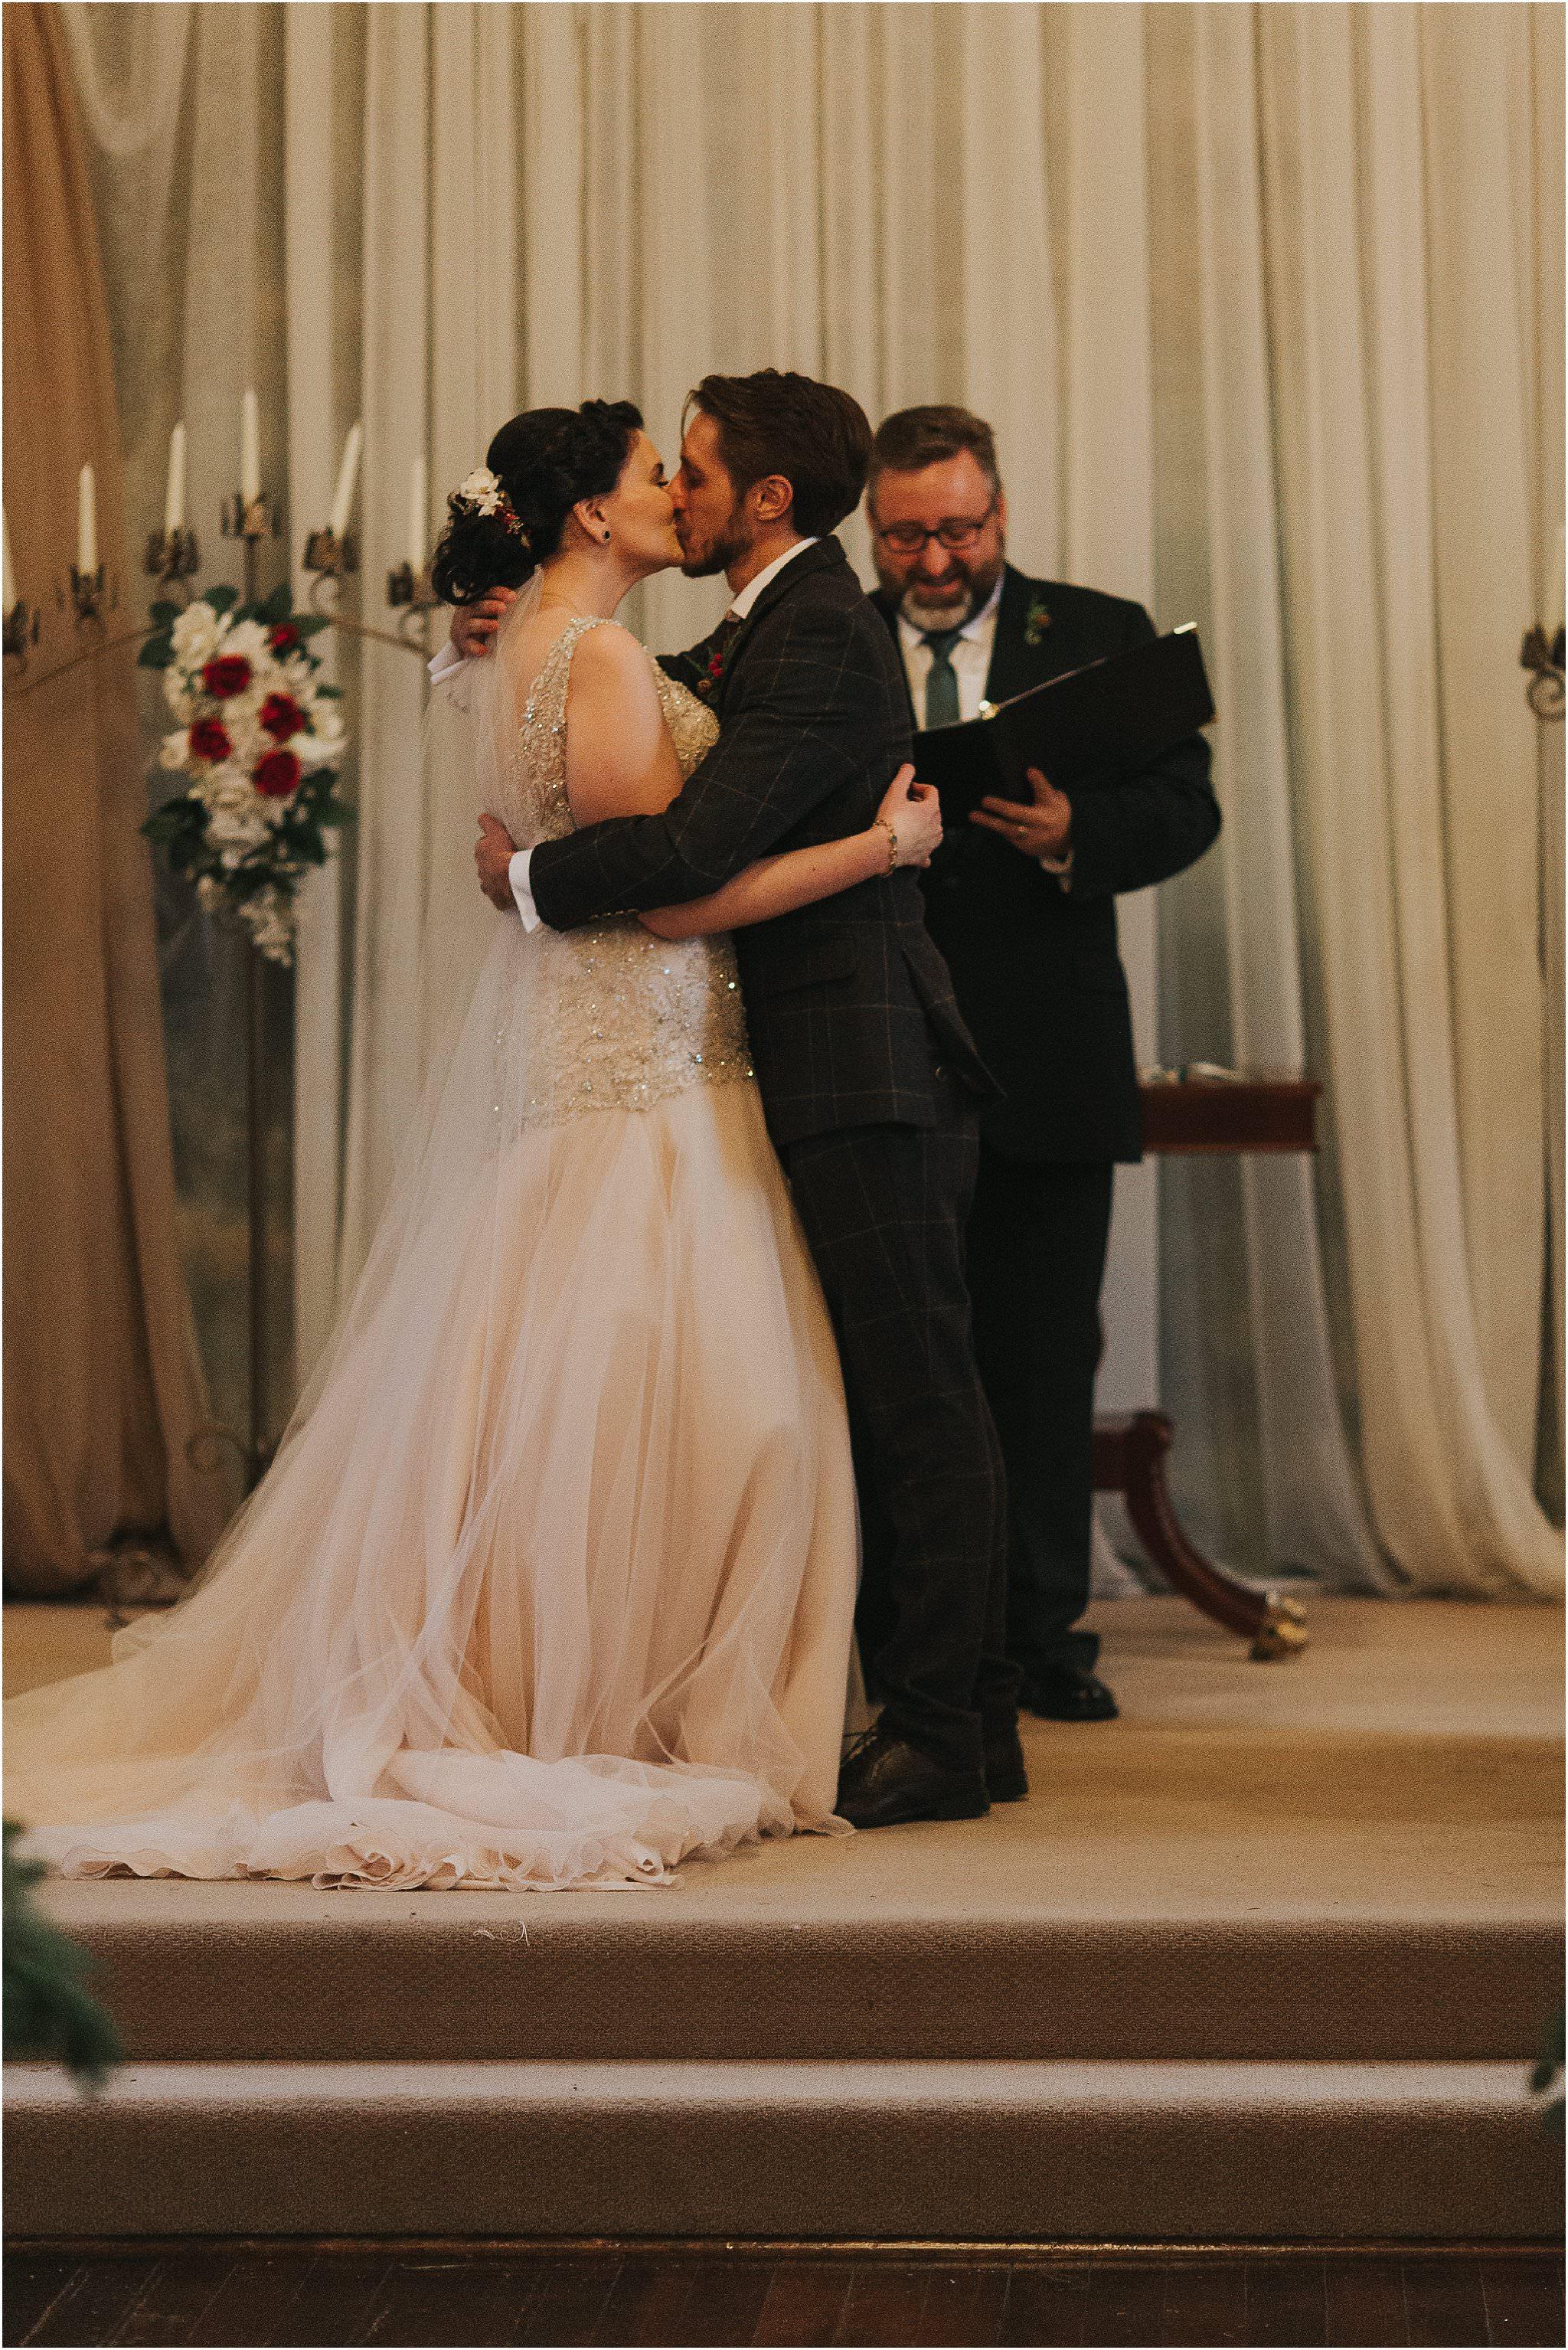 sarah-and-daves-downtown-snohomish-wedding-20.jpg